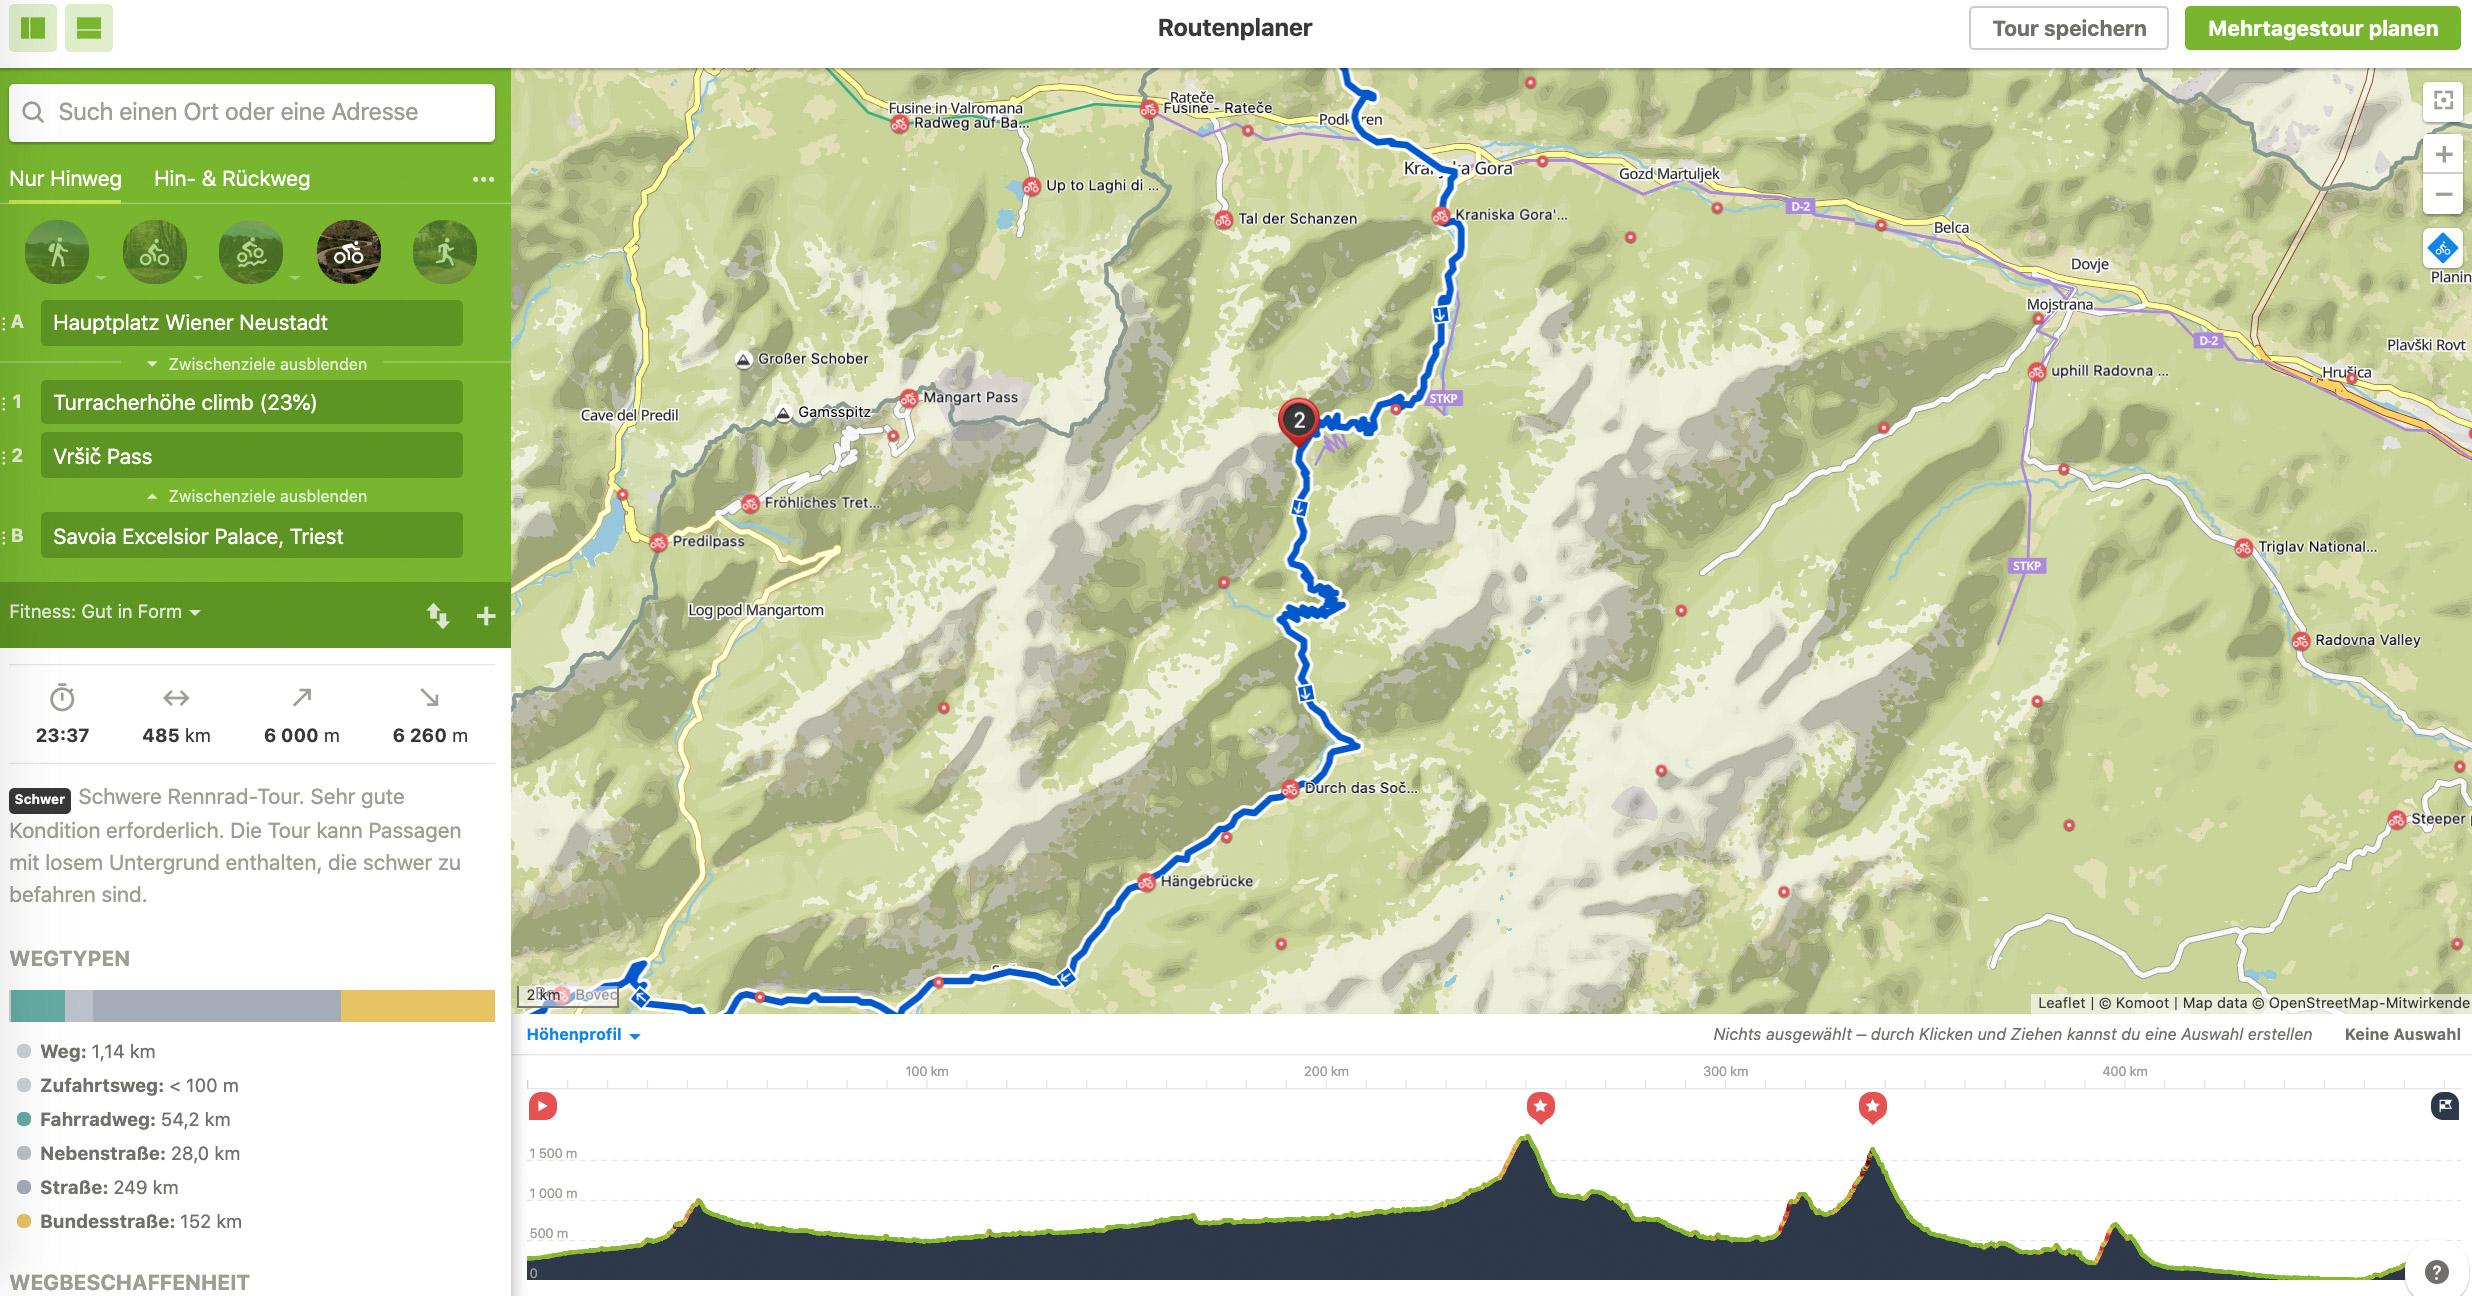 Wenige Mausklicks später steht unsere grobe Route über die Turracher Höhe und den Wurzen- und Vrsicpass